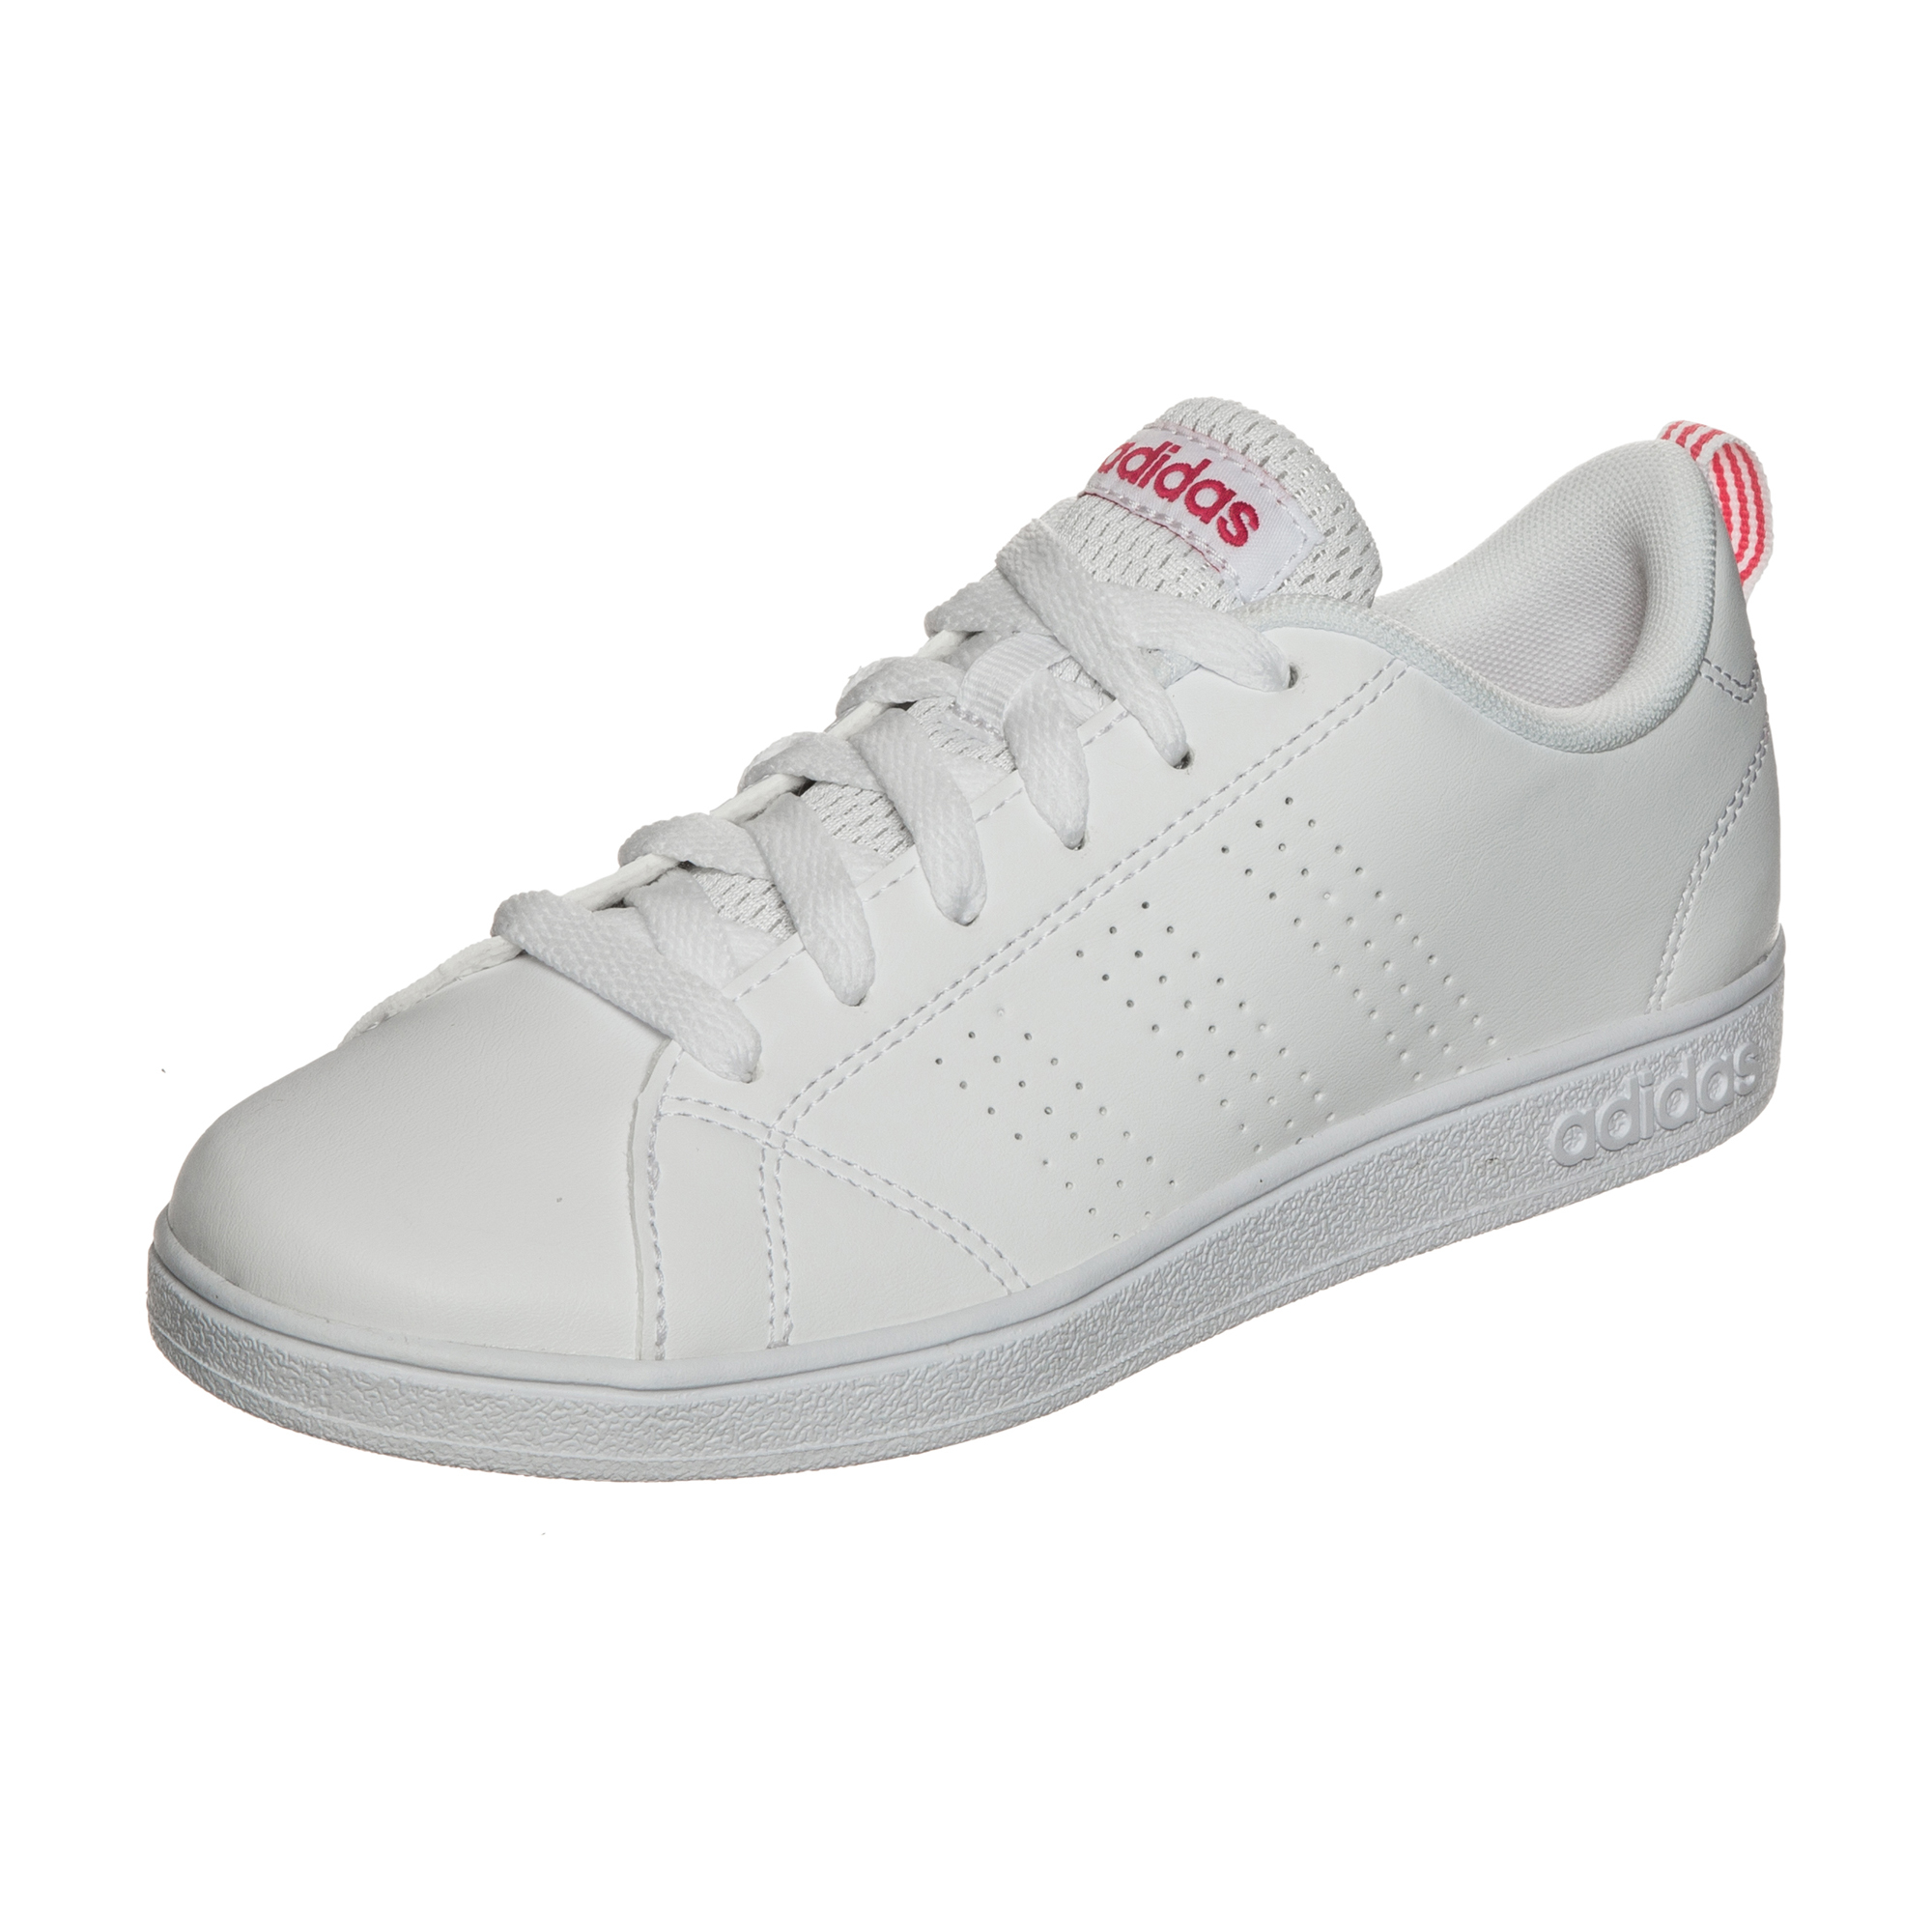 Herrenschuhe adidas Vs Advantage Cl Herren Sneaker